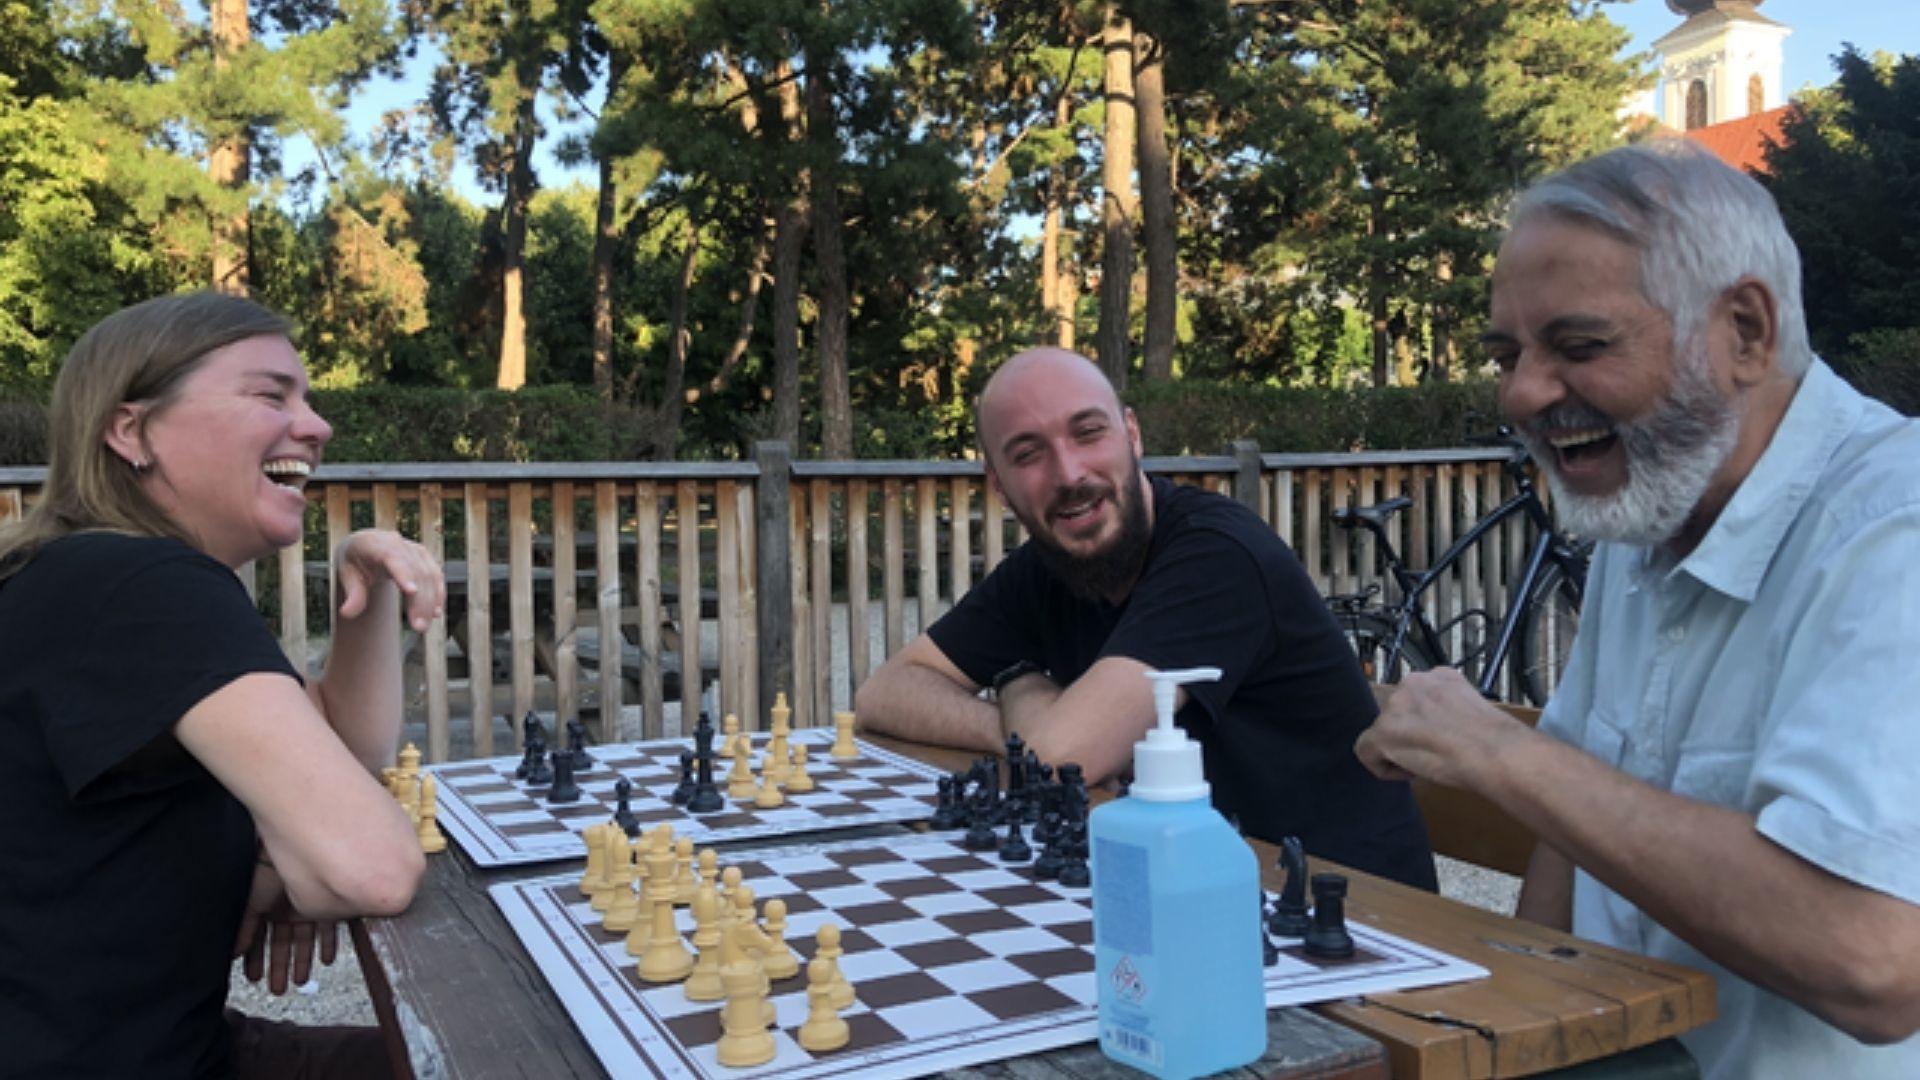 Montags – Schachsalon im Bezirksmuseum